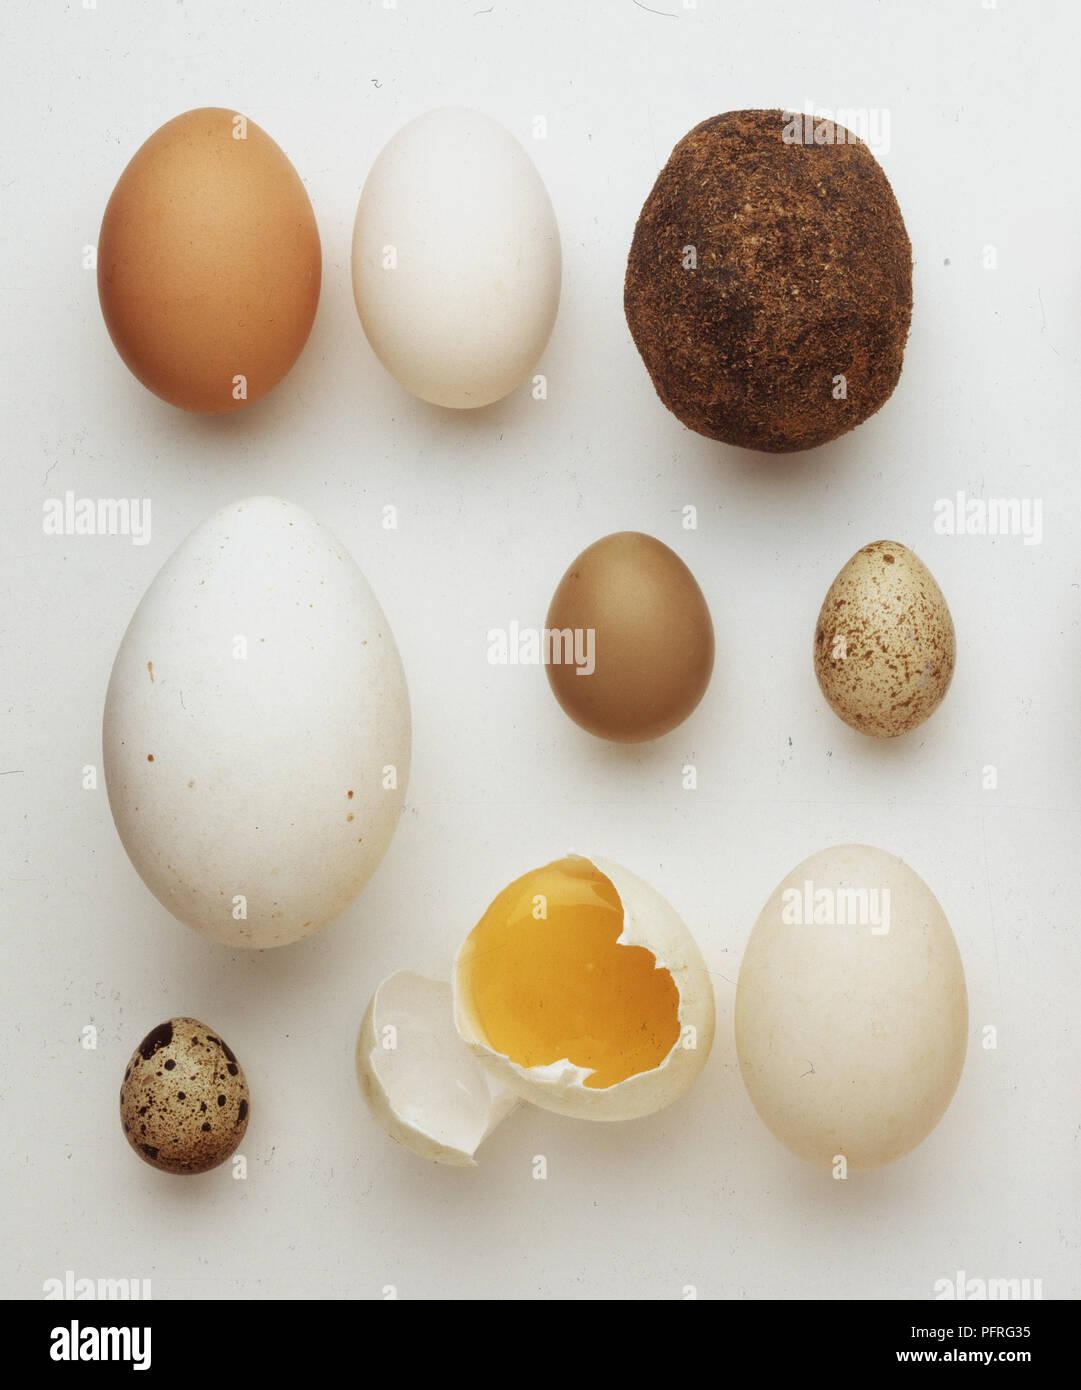 Oeuf de caille et 1 000 ans, des oeufs oeufs de canard conservé dans de la chaux, de cendre et de pin sel pour 100 jours Banque D'Images